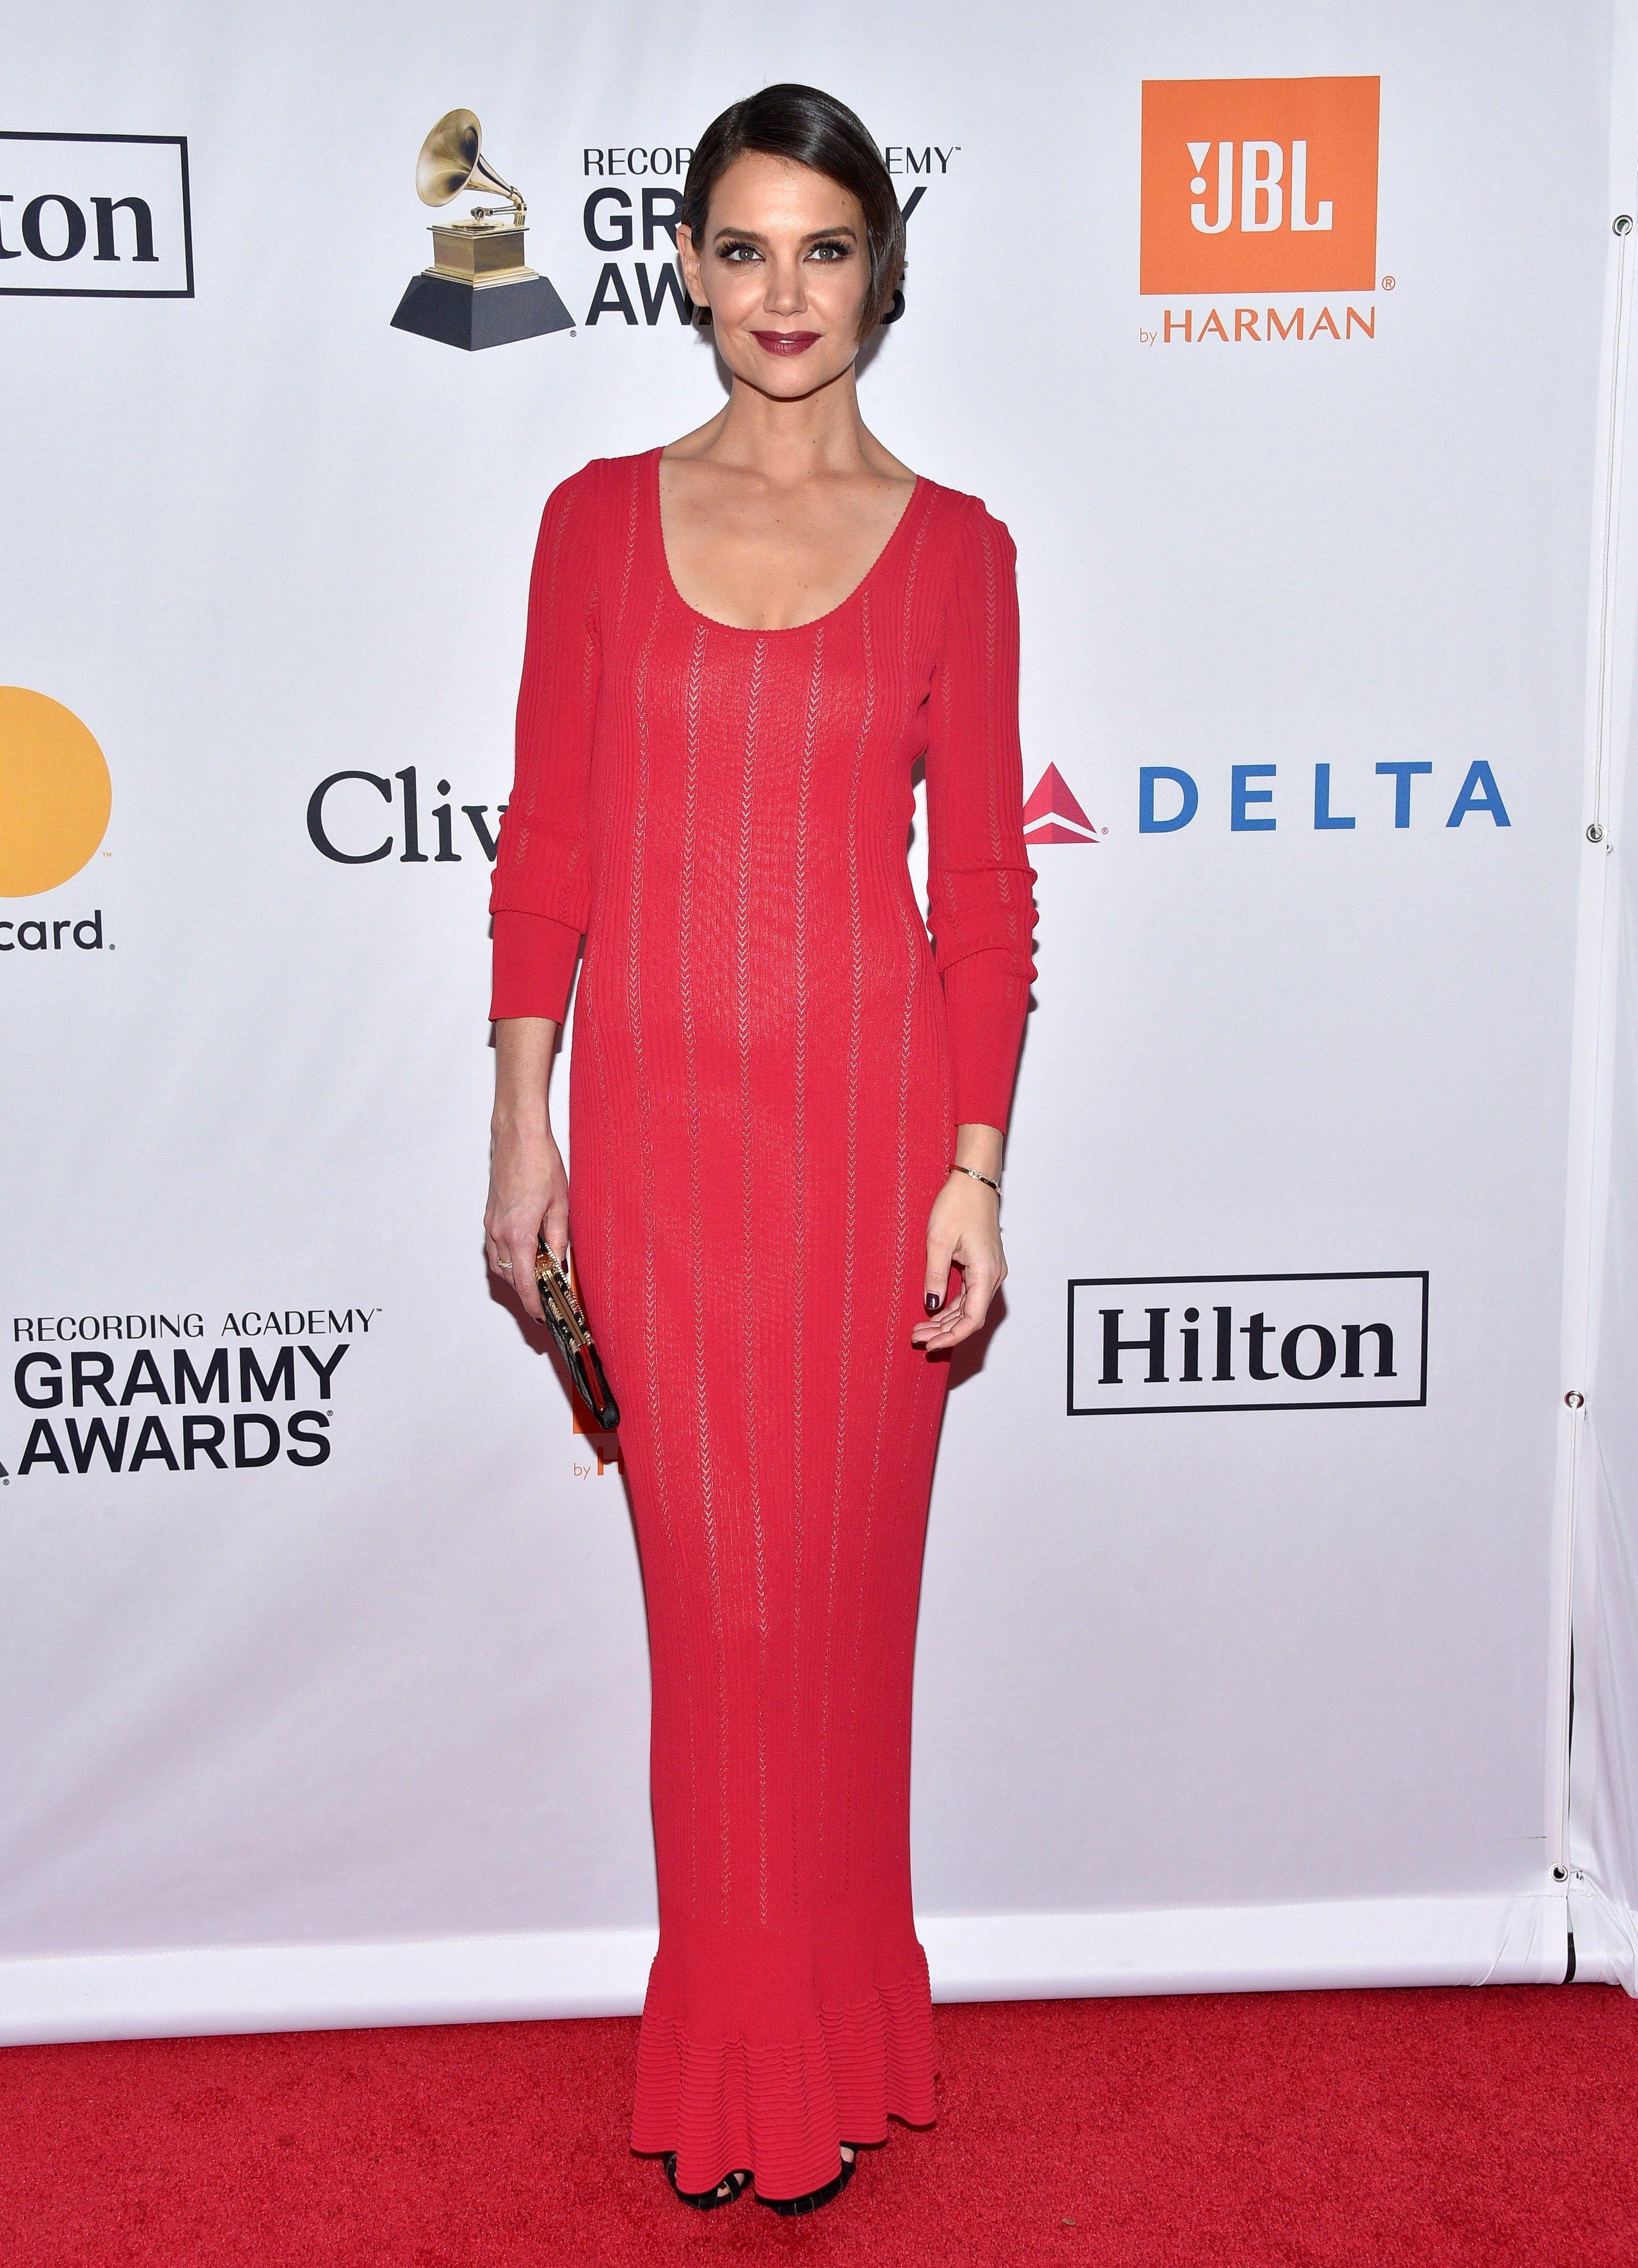 Clive Davis Pre-Grammy Awards Party : Cassie, French Montana, P.Diddy... Ils ont tous répondu présent !